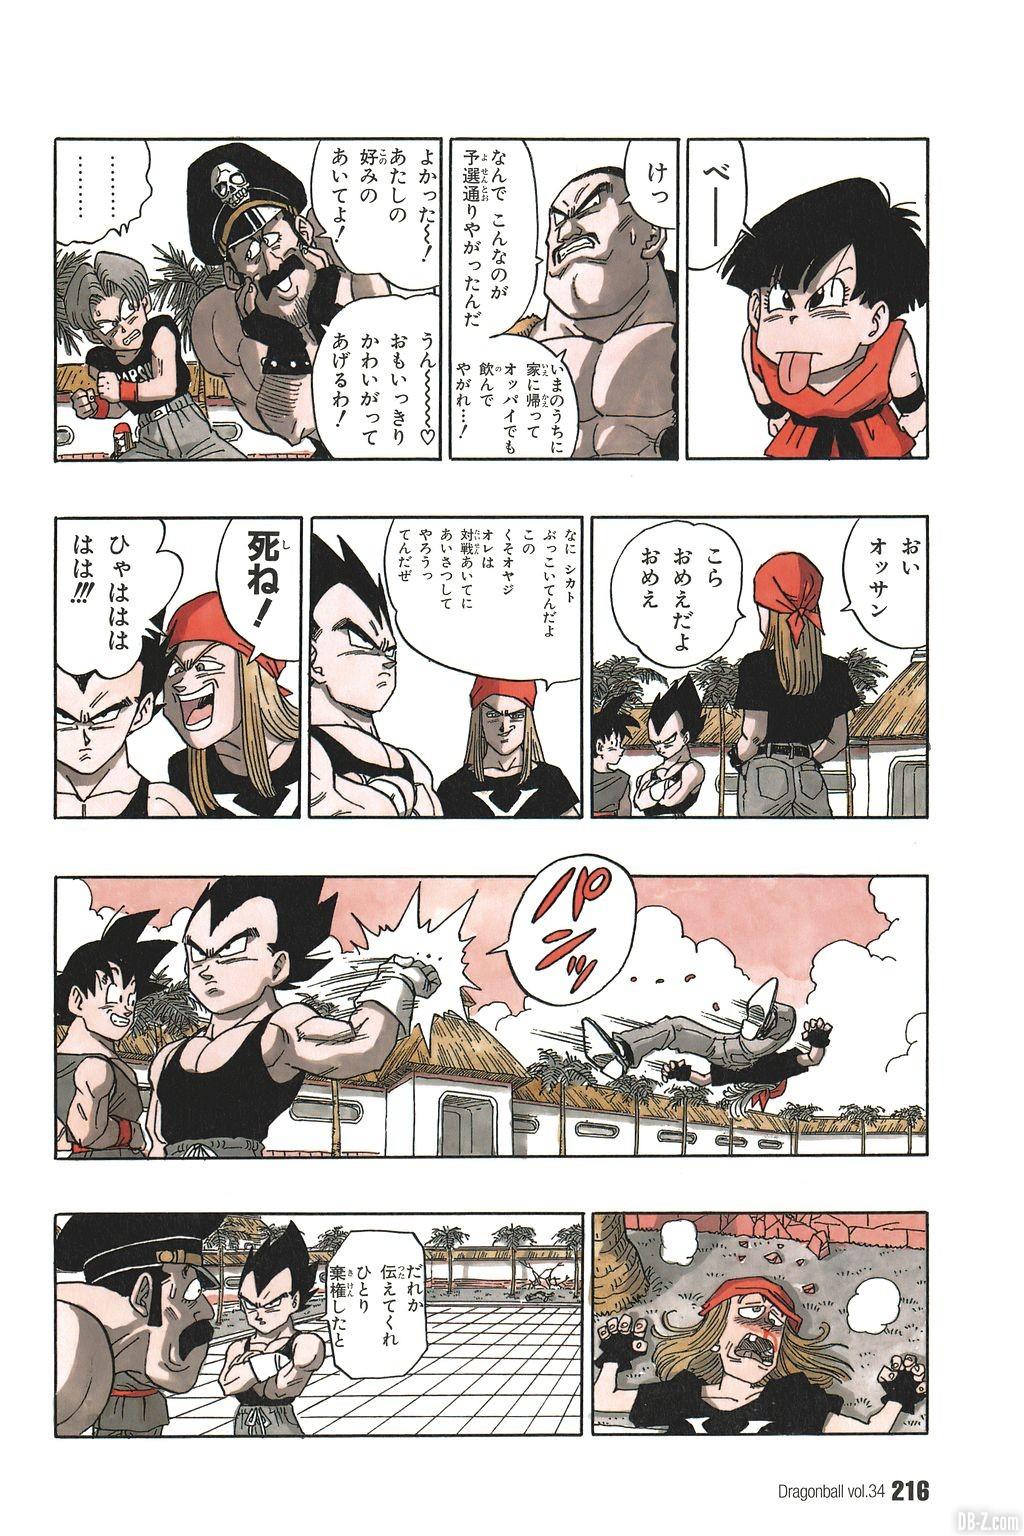 Dernier Chapitre Dragon Ball Page 4